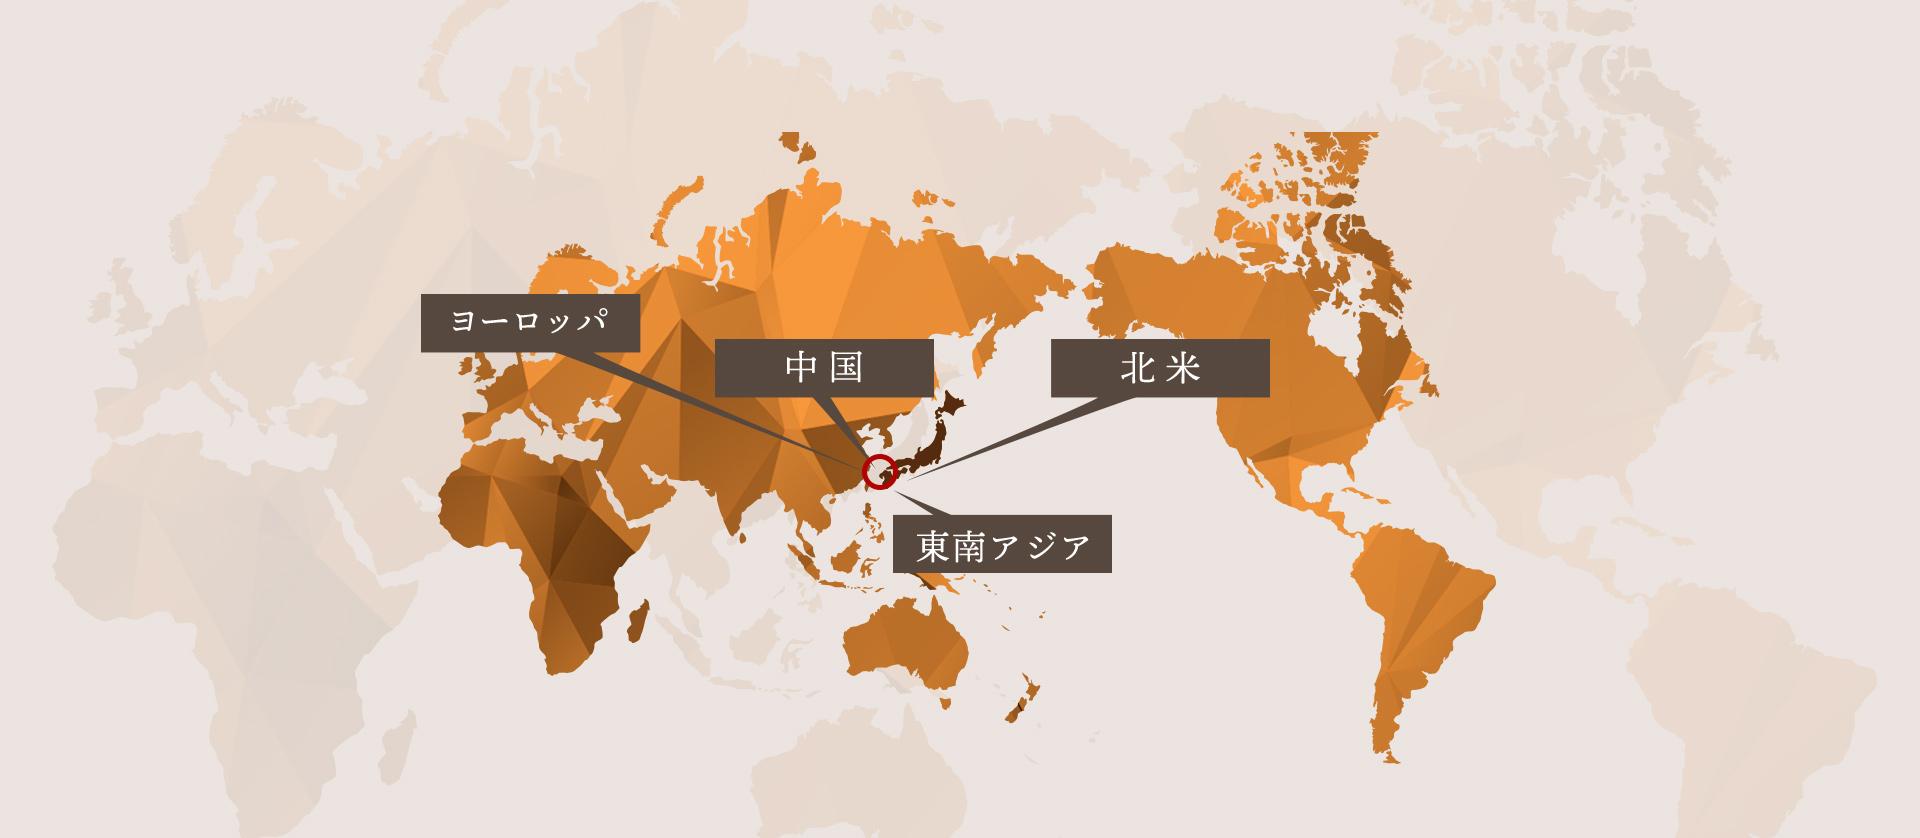 四ヨーロッパ 中国 北米 東南アジア